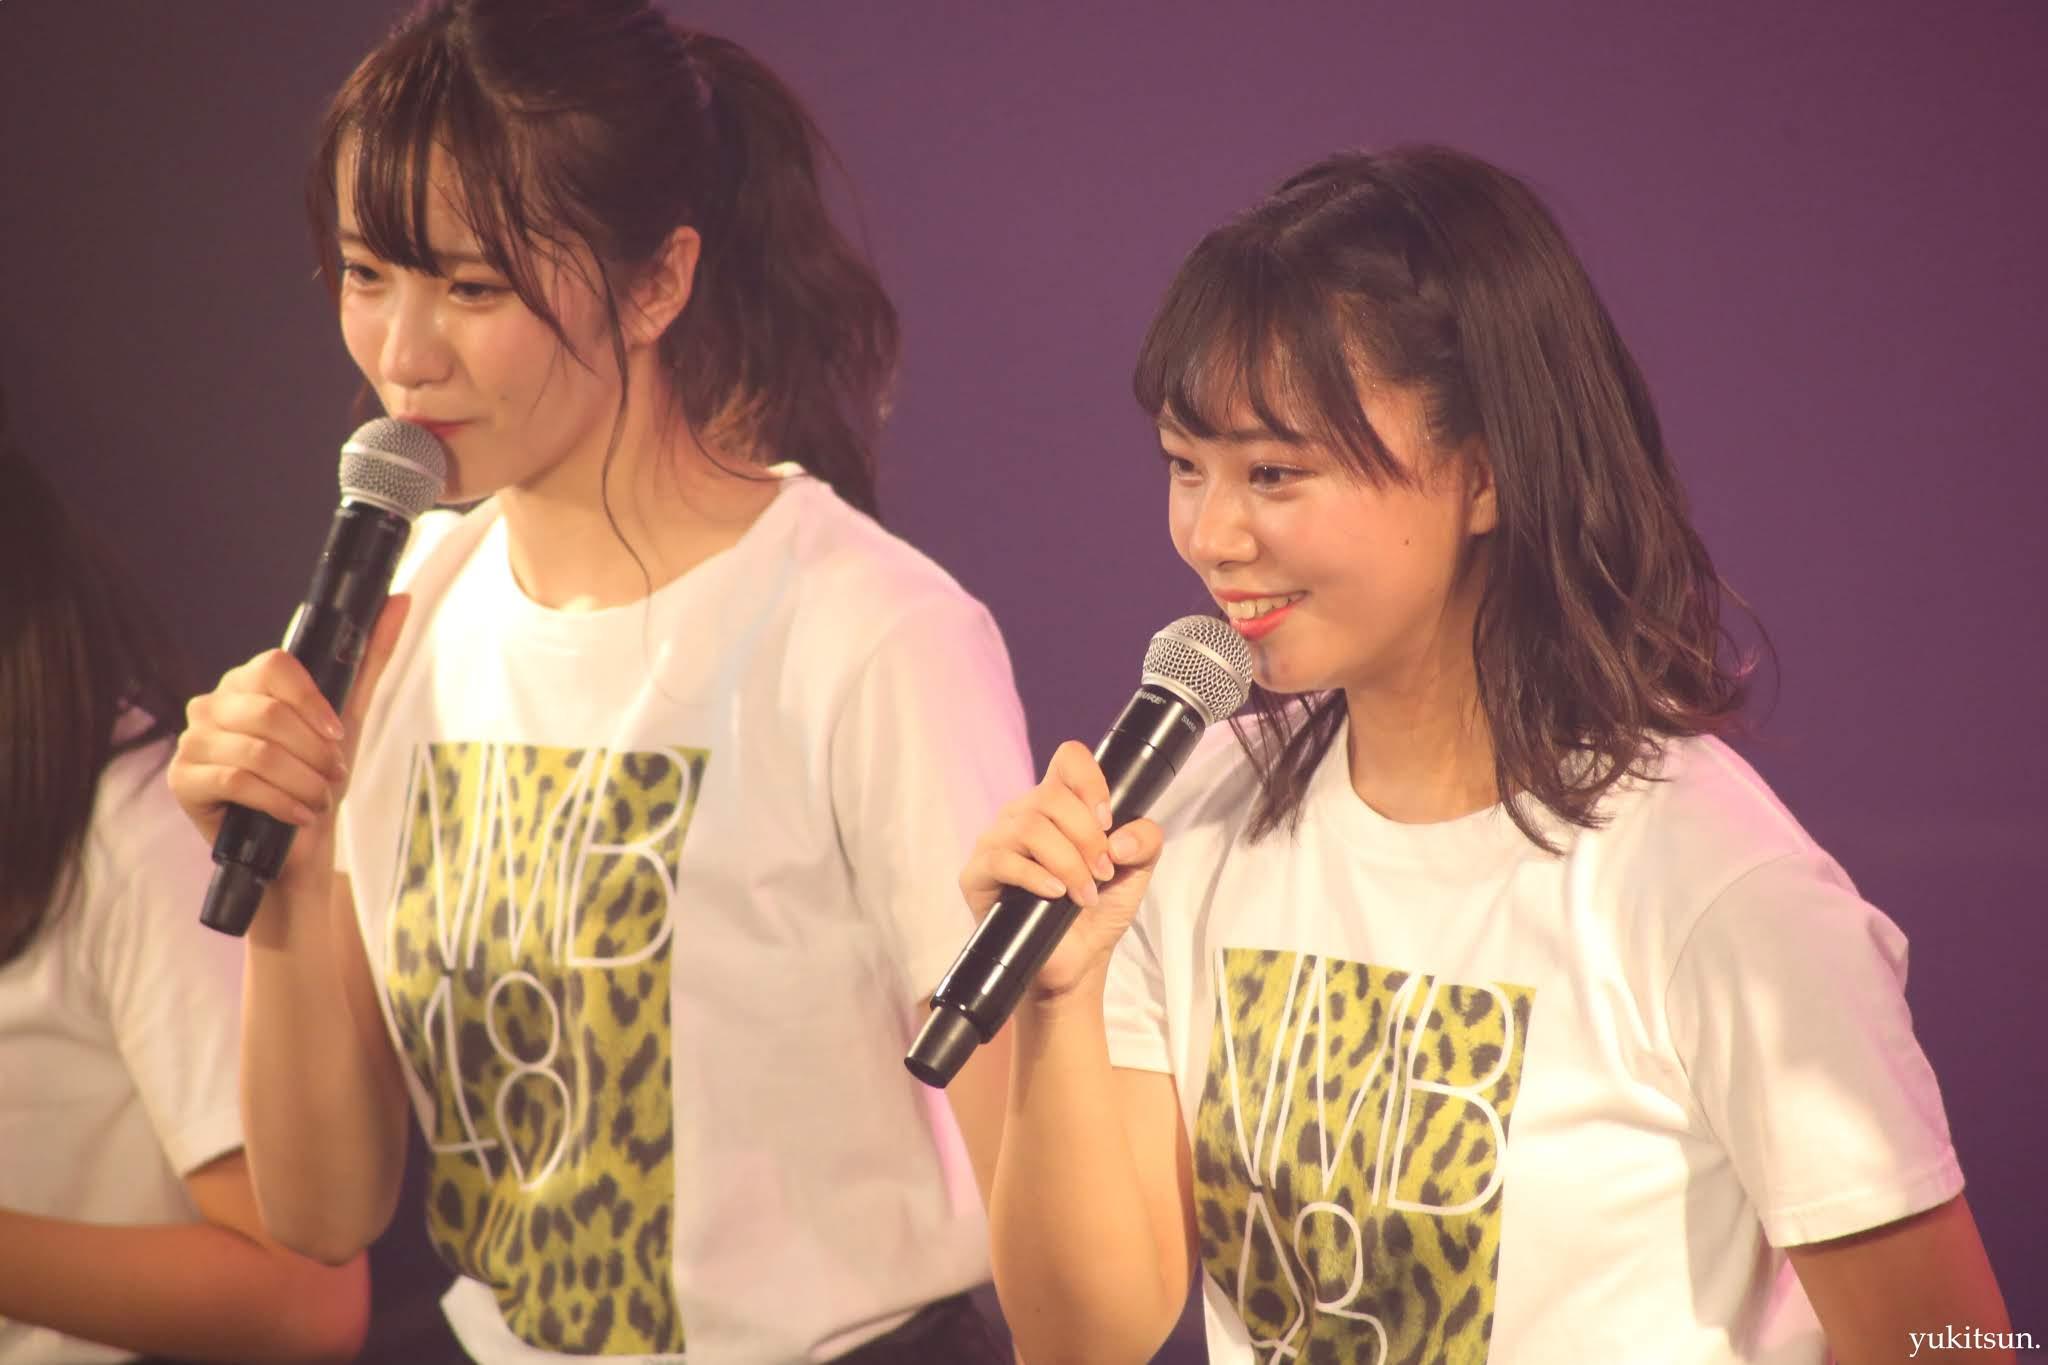 shinjidai-27